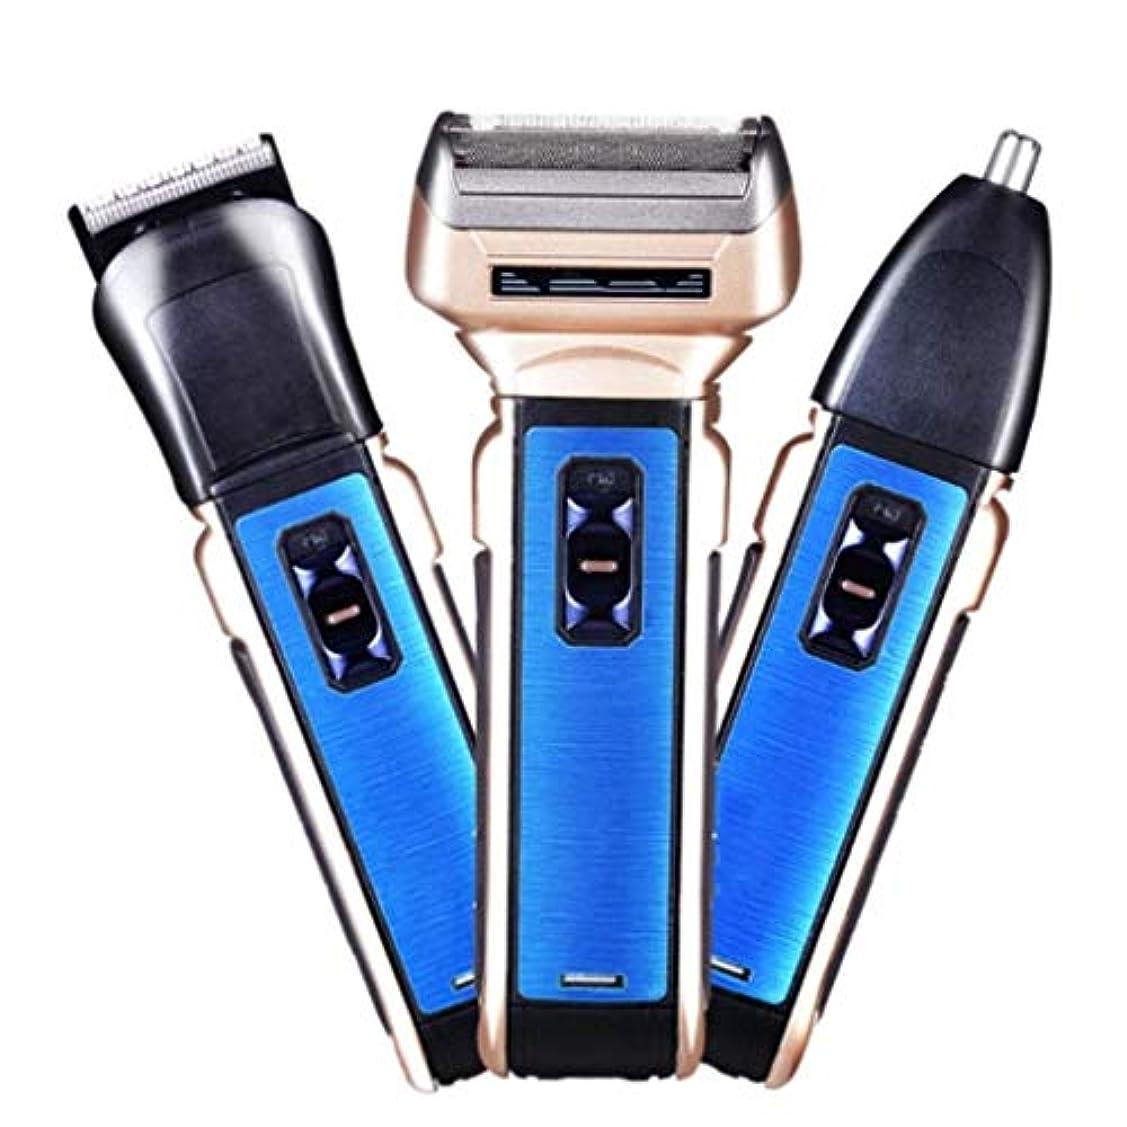 養う期限切れフィラデルフィアフェイシャルヘアー3-in-1鼻毛トリマーセットABS 360°往復充電取り外し可能なヘッドと洗えるデザイン電気かみそり